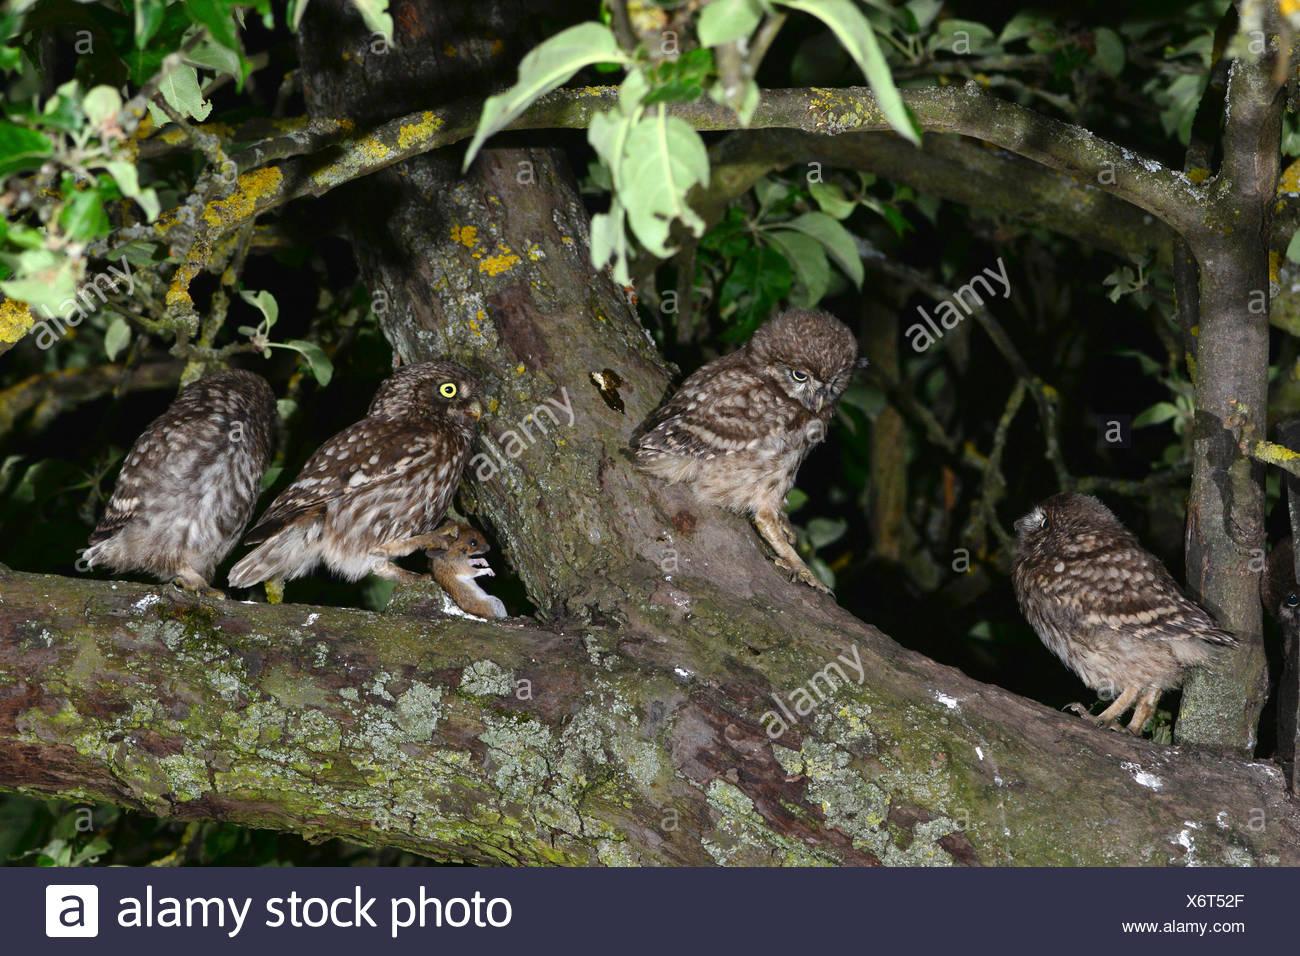 Pequeño Búho (Athene noctua) adulto (2. de la derecha) ofrece un ratón a los tres sólo unfledged chick incluso en la copa de un Appletree Imagen De Stock